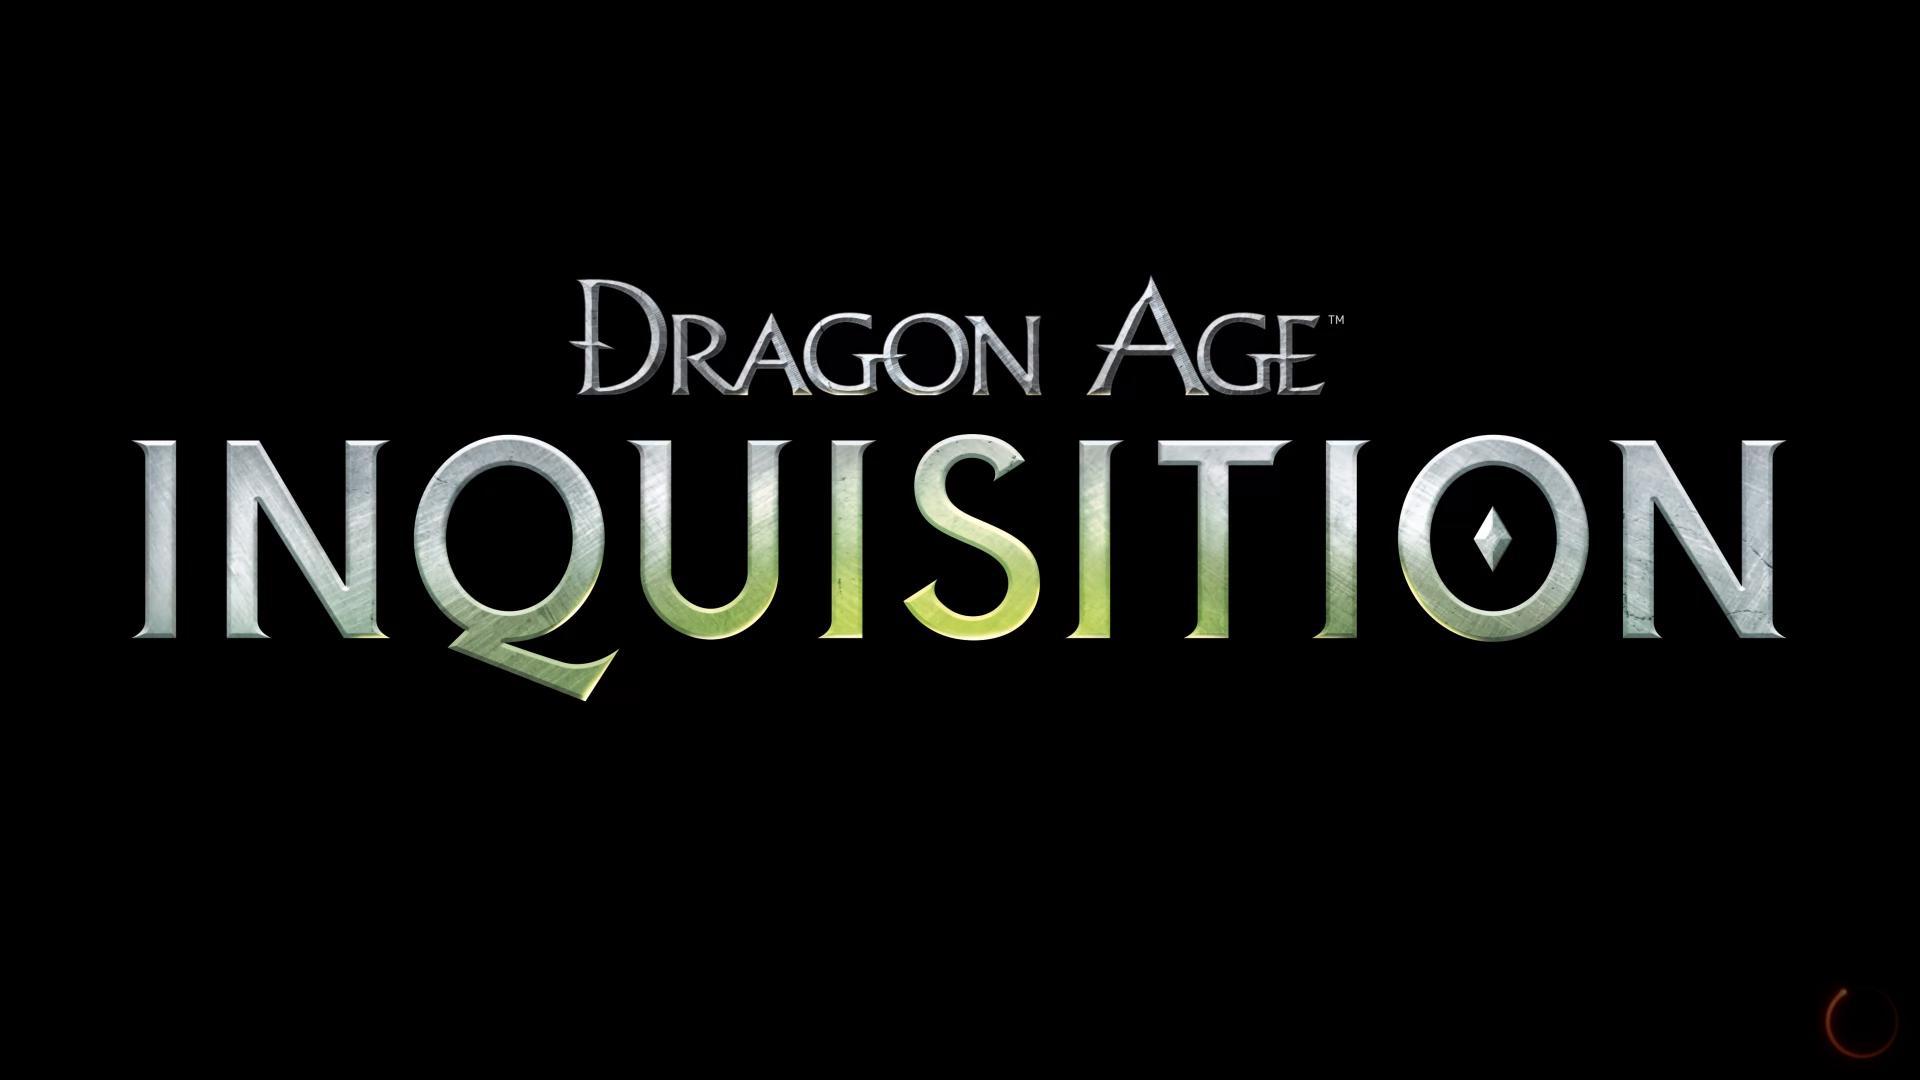 Gigantisches Rollenspiel Dragon Age Inquisition